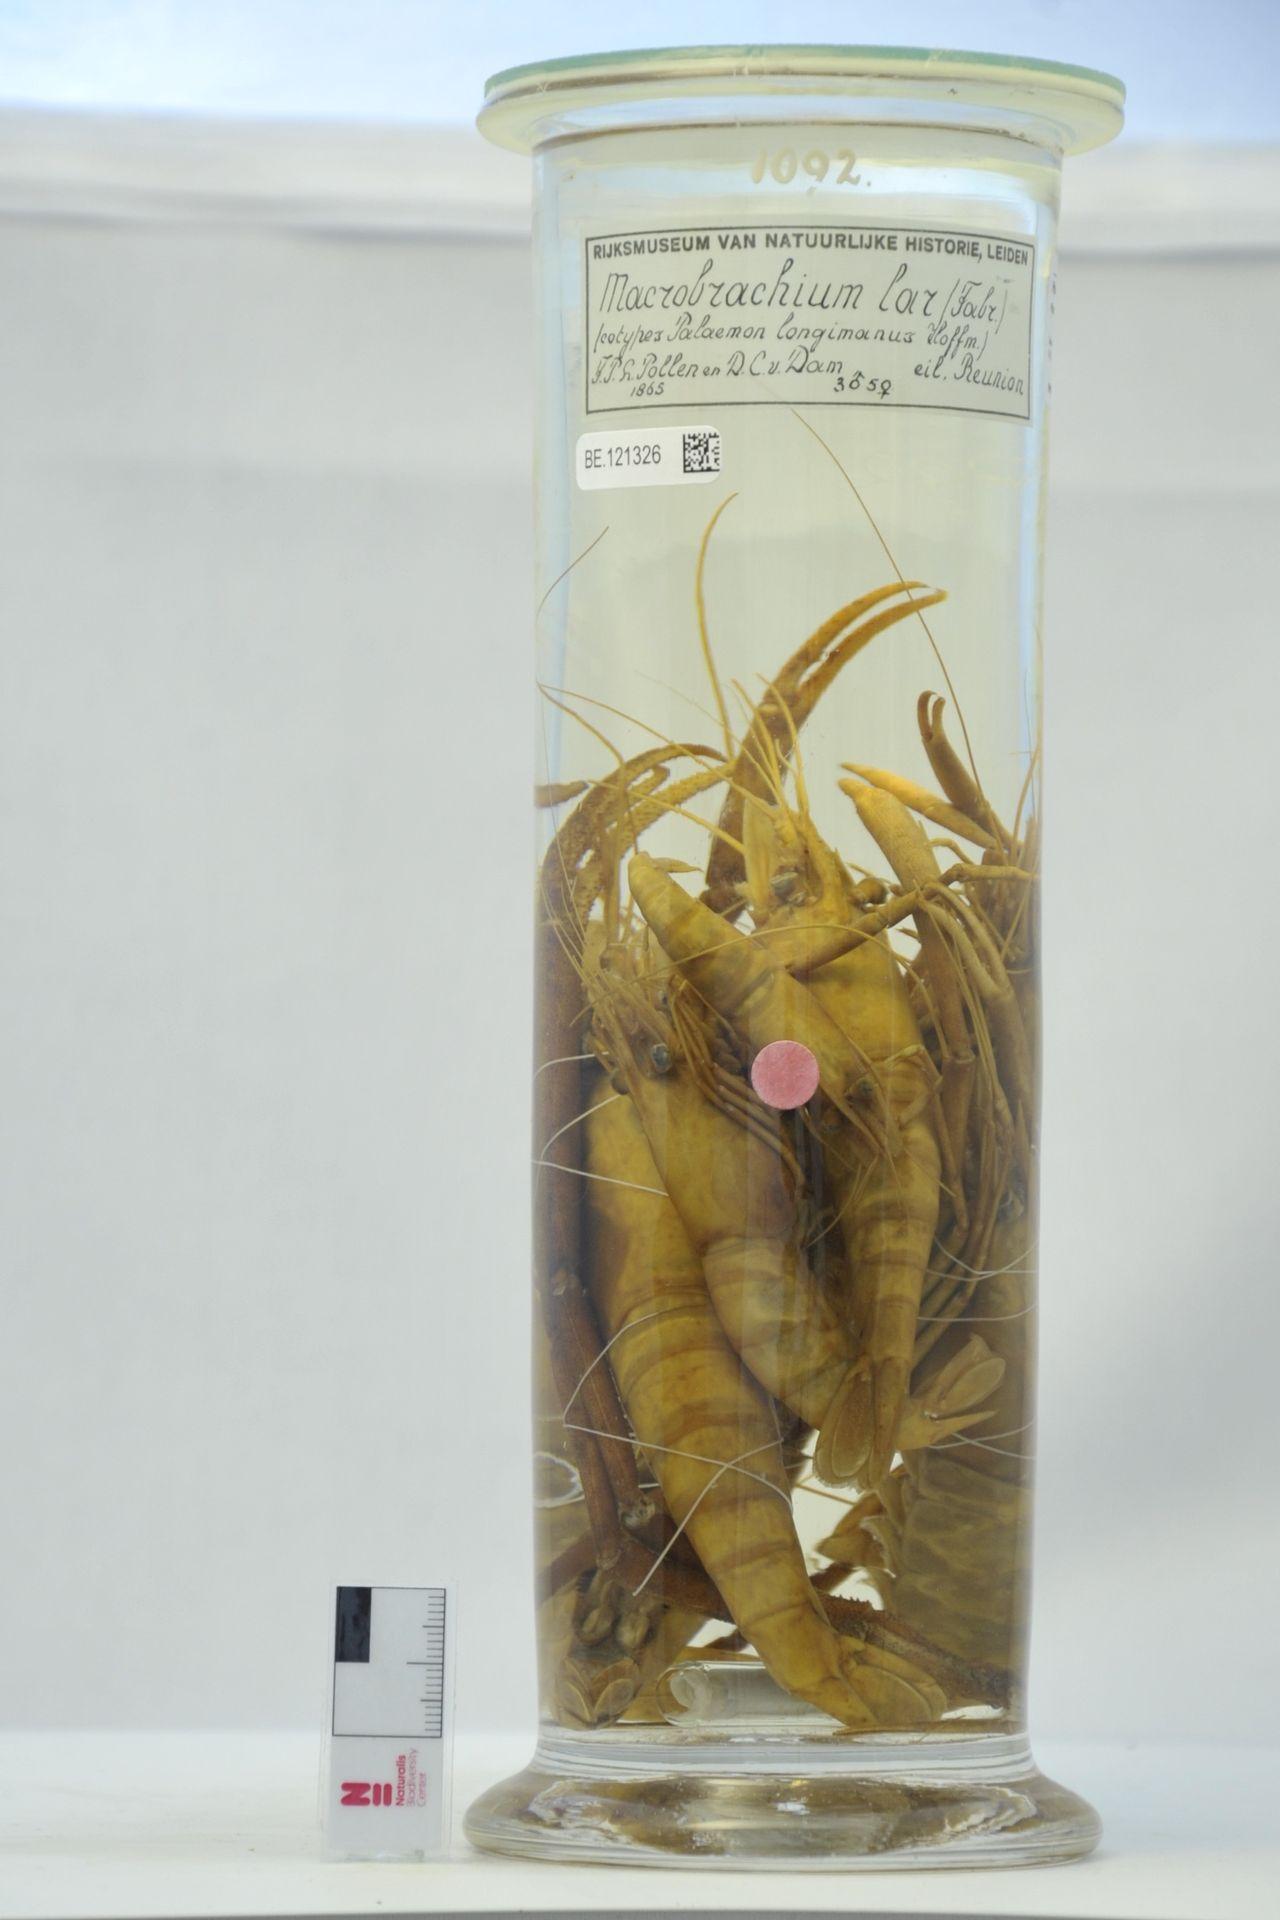 RMNH.CRUS.D.1092   Macrobrachium lar (Fabricius, 1798)